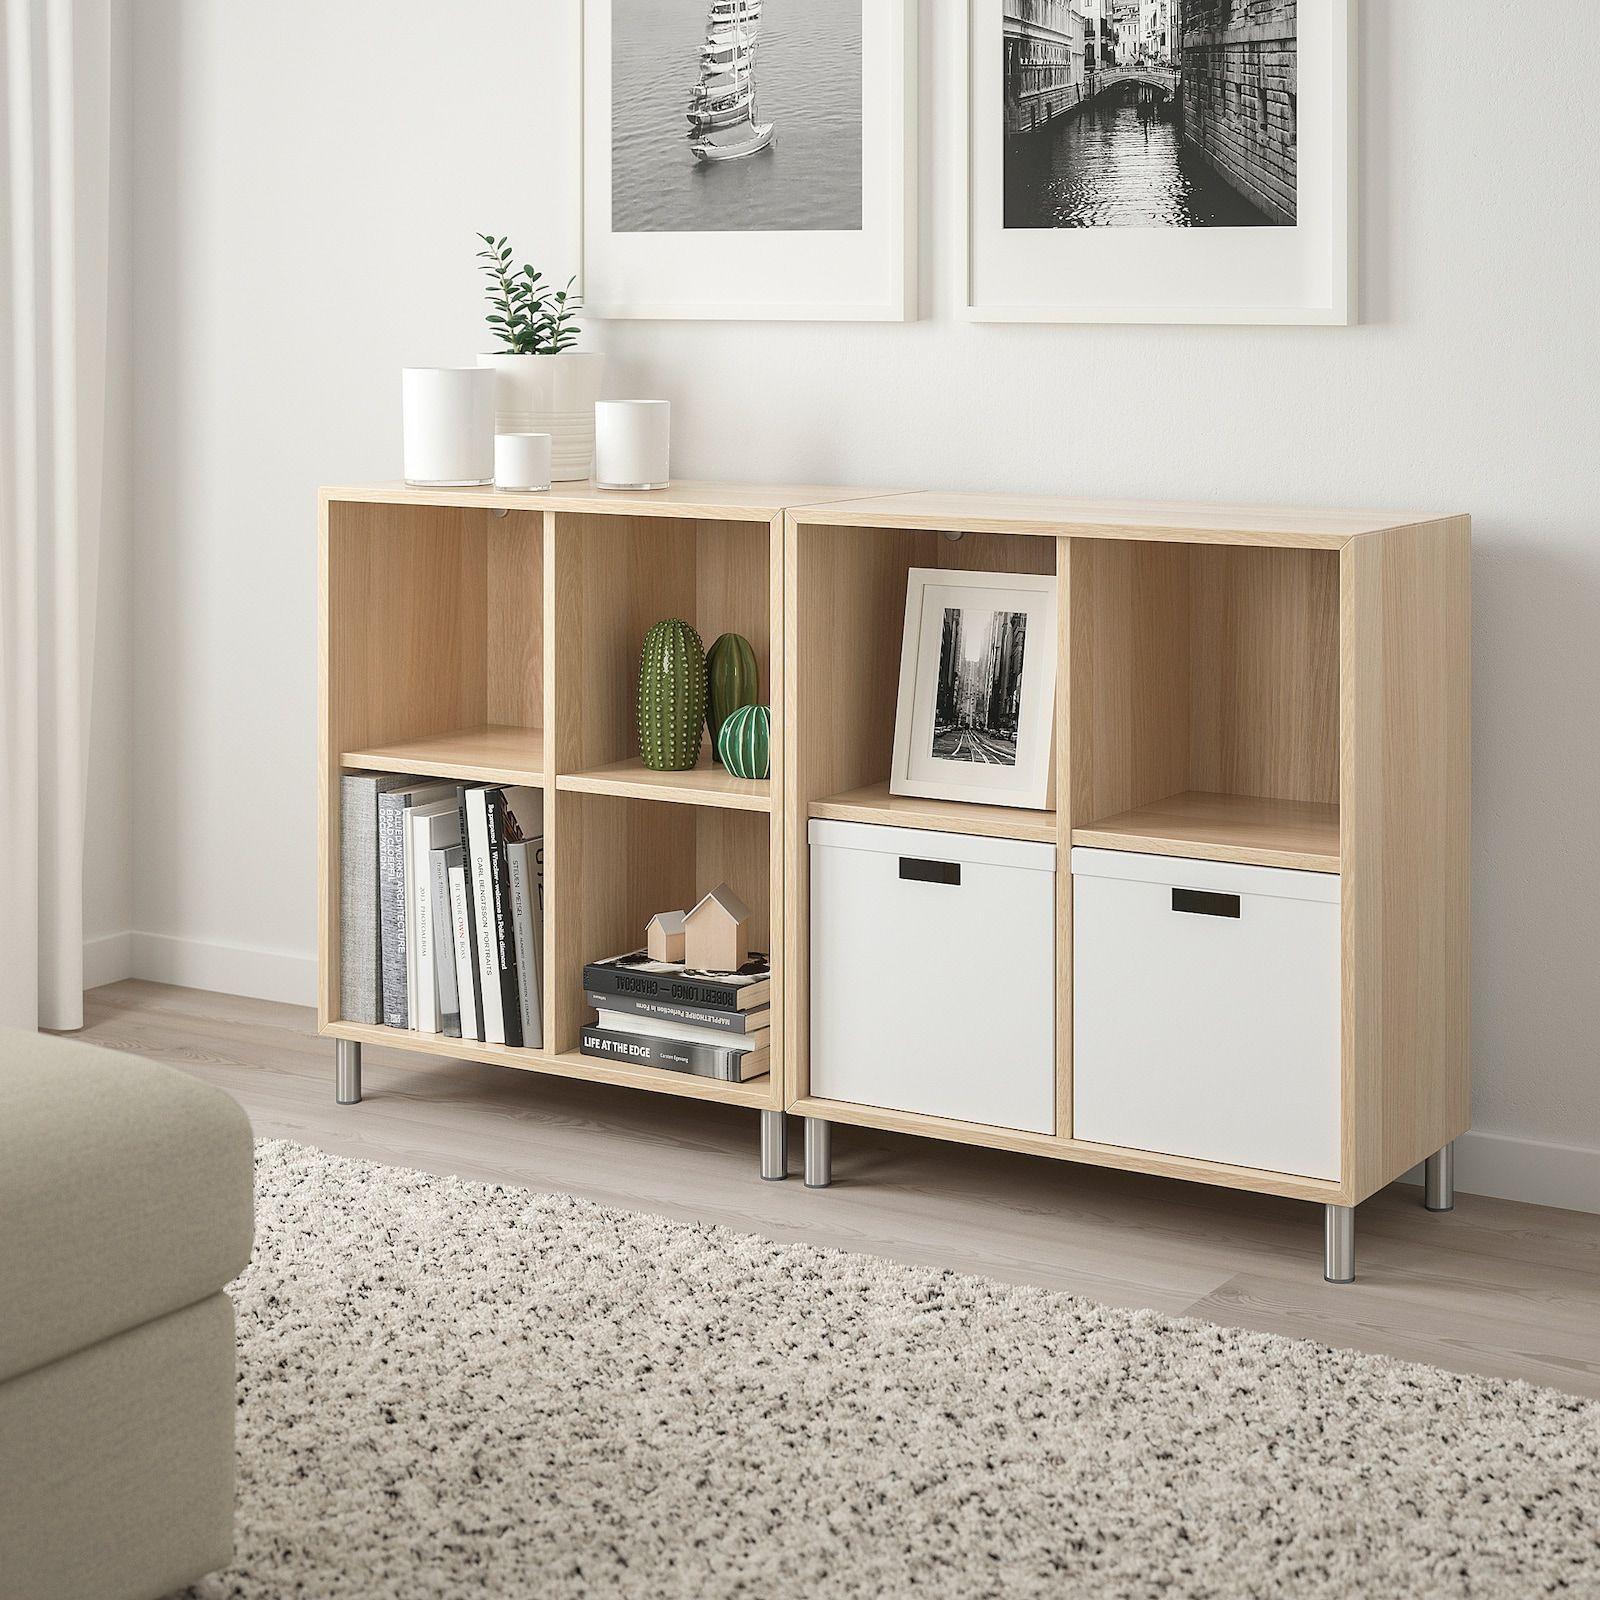 Eket Combinaison Rangement Avec Pieds Effet Chene Blanc Hi 140x35x80 Cm Ikea In 2020 Eket Ikea Eket Ikea